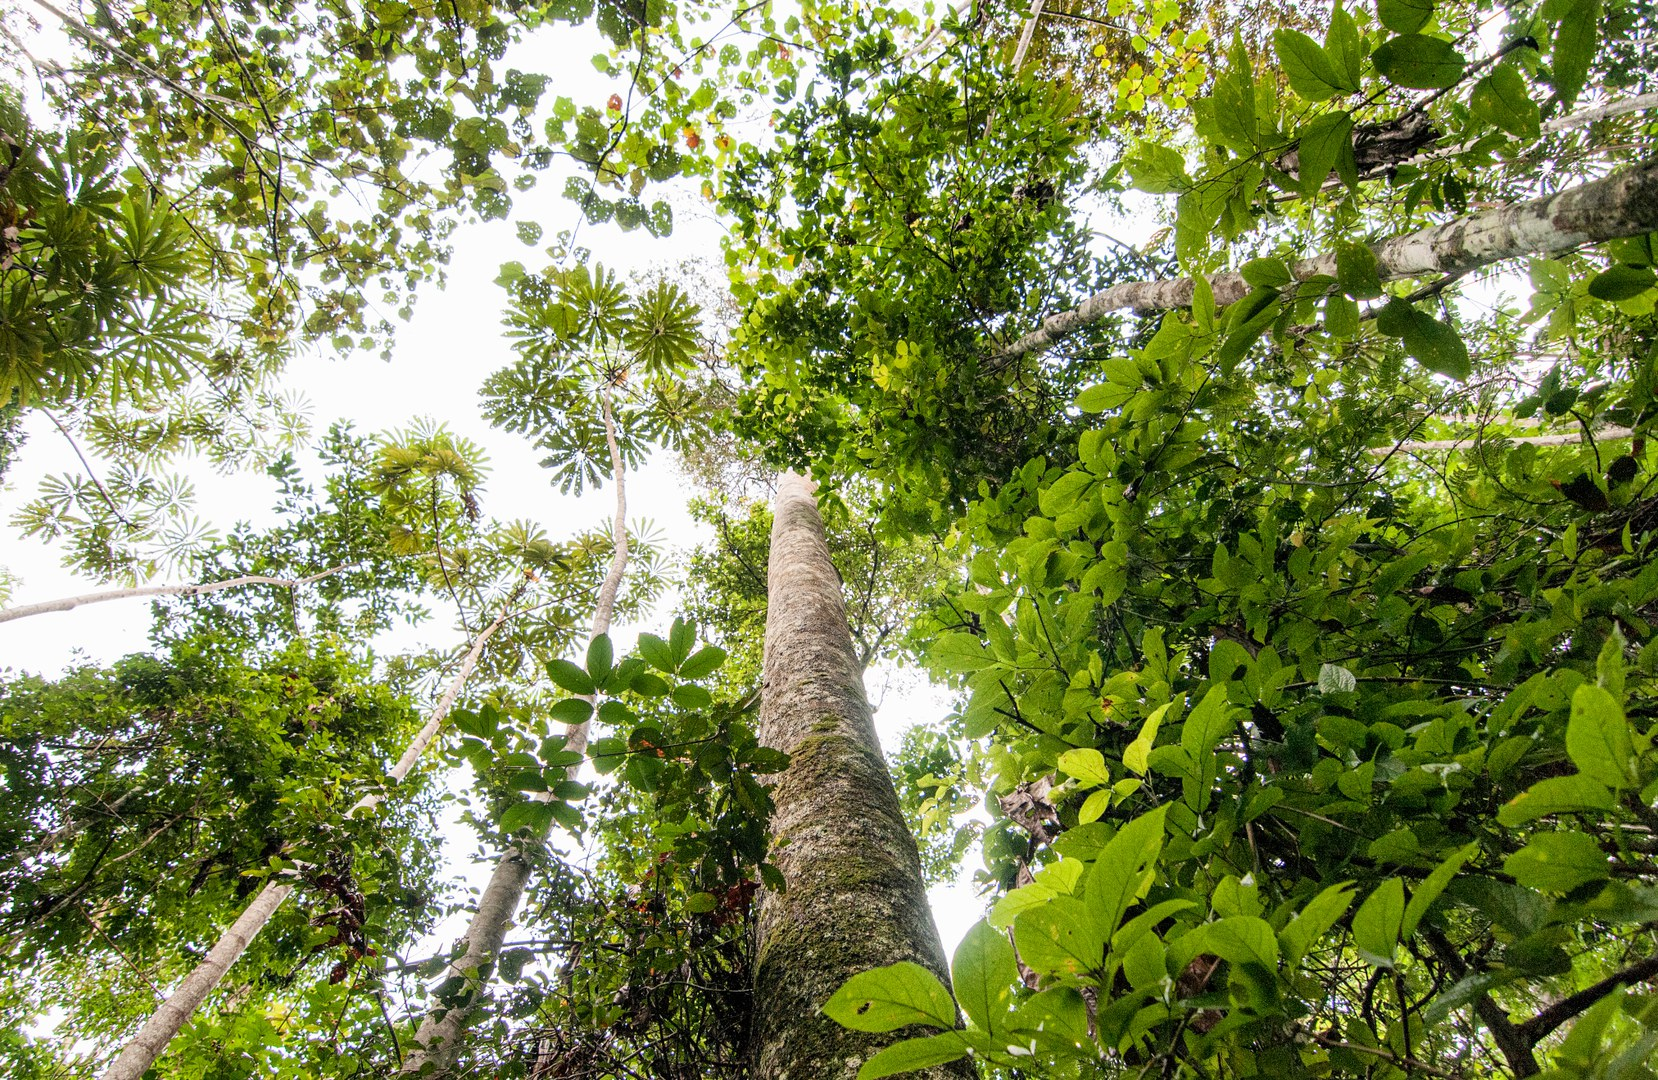 Rückläufige Abholzung im Regenwald.